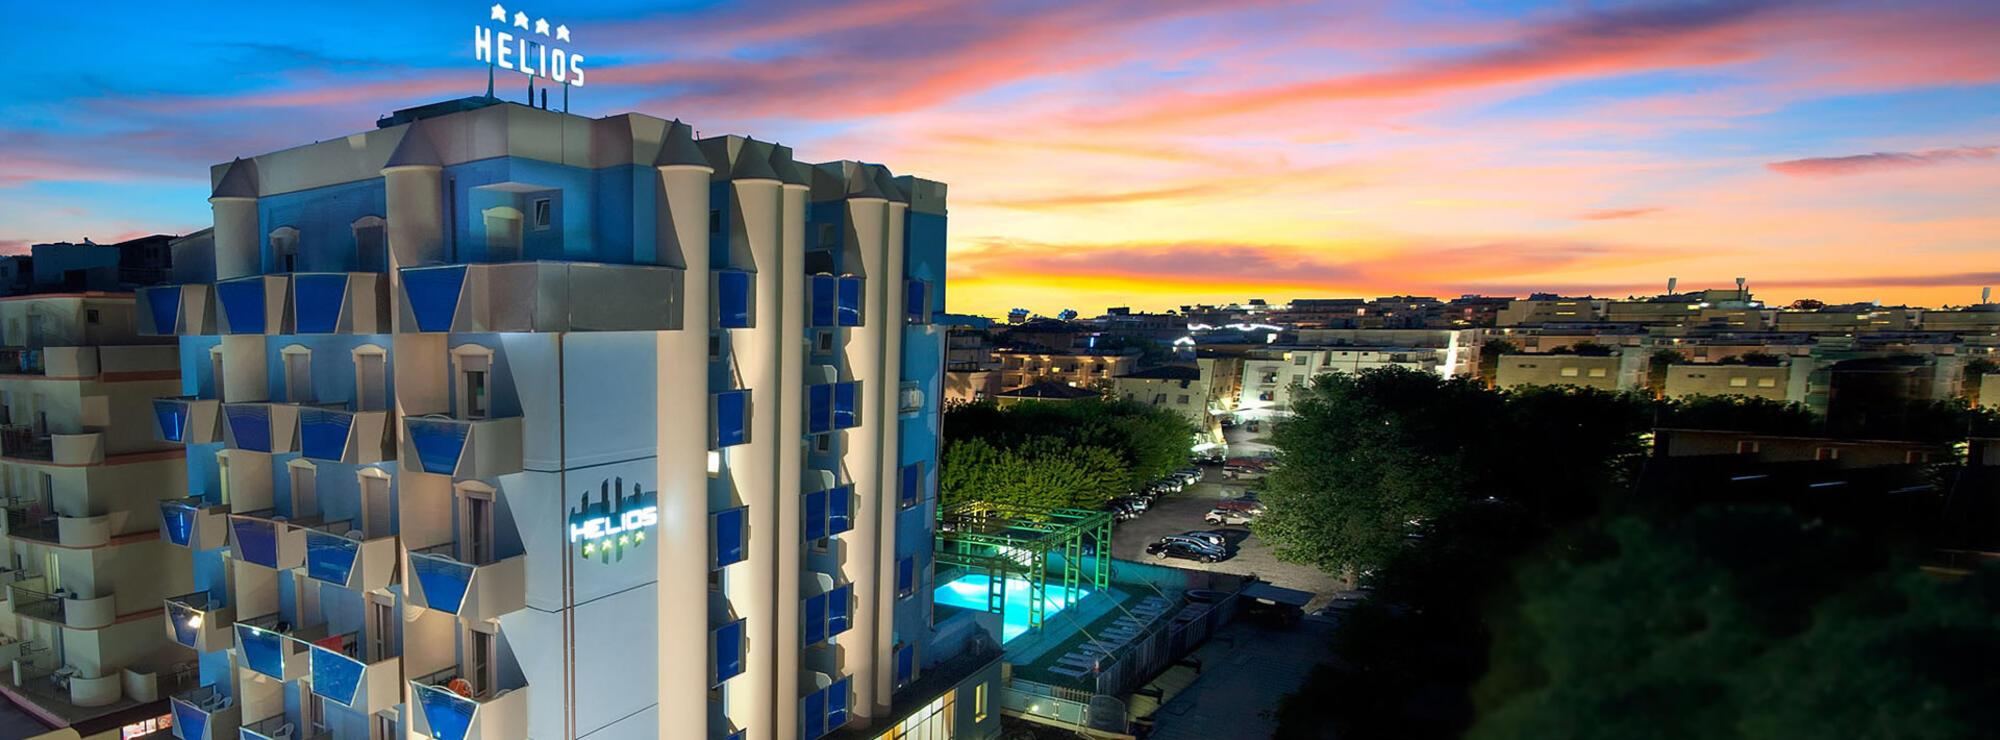 Hotel 4 stelle rimini helios albergo con piscina sul mare - Hotel merano 4 stelle con piscina ...